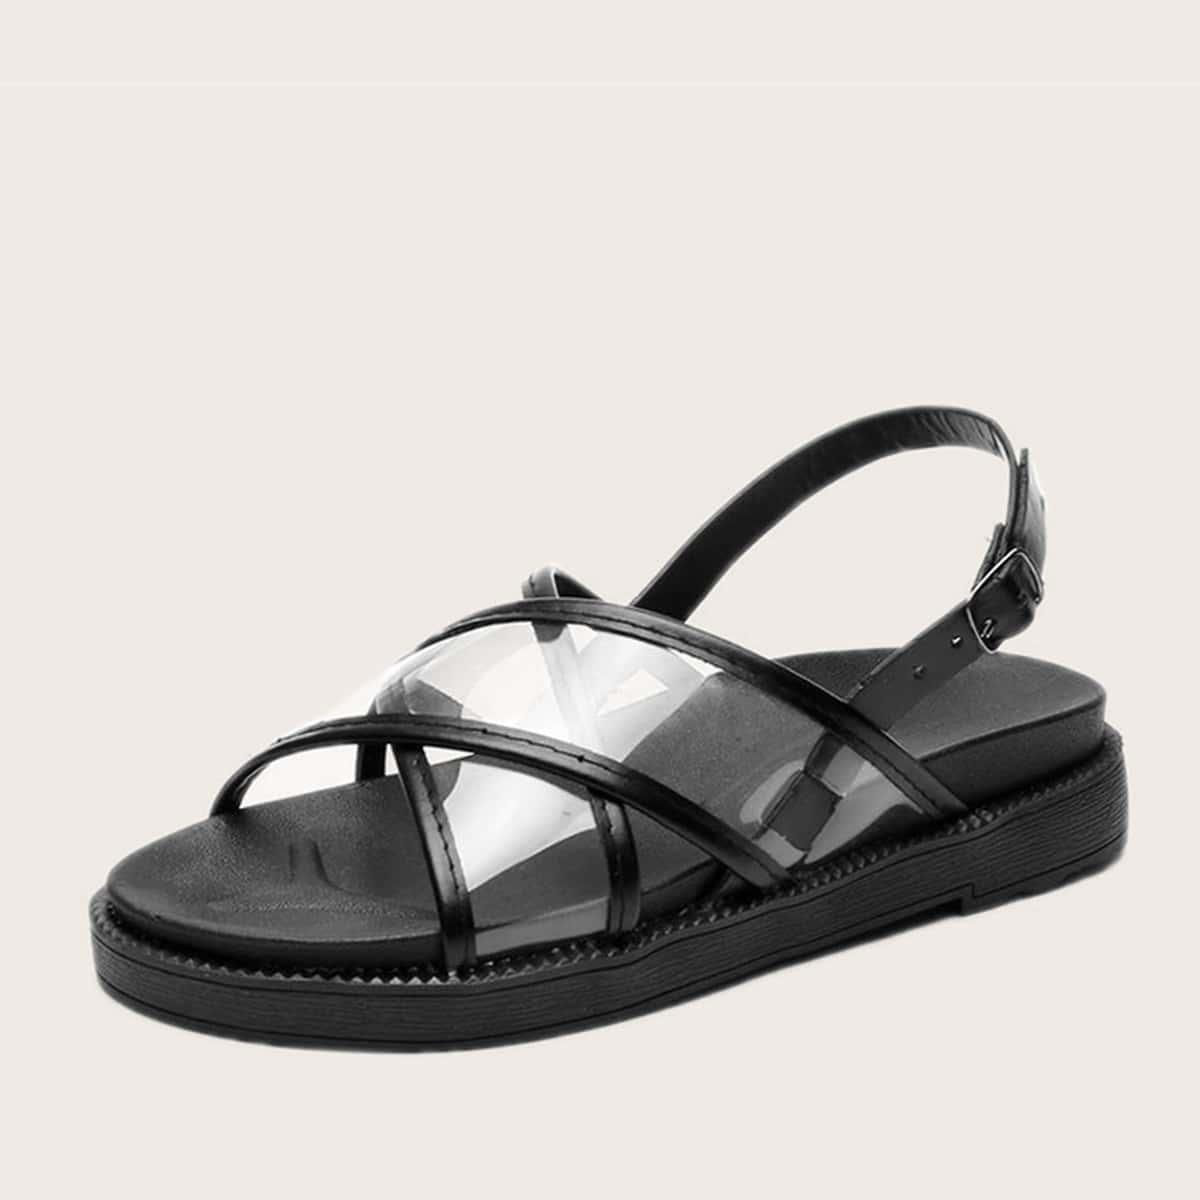 Doorzichtige platte sandalen met open teen en slingback